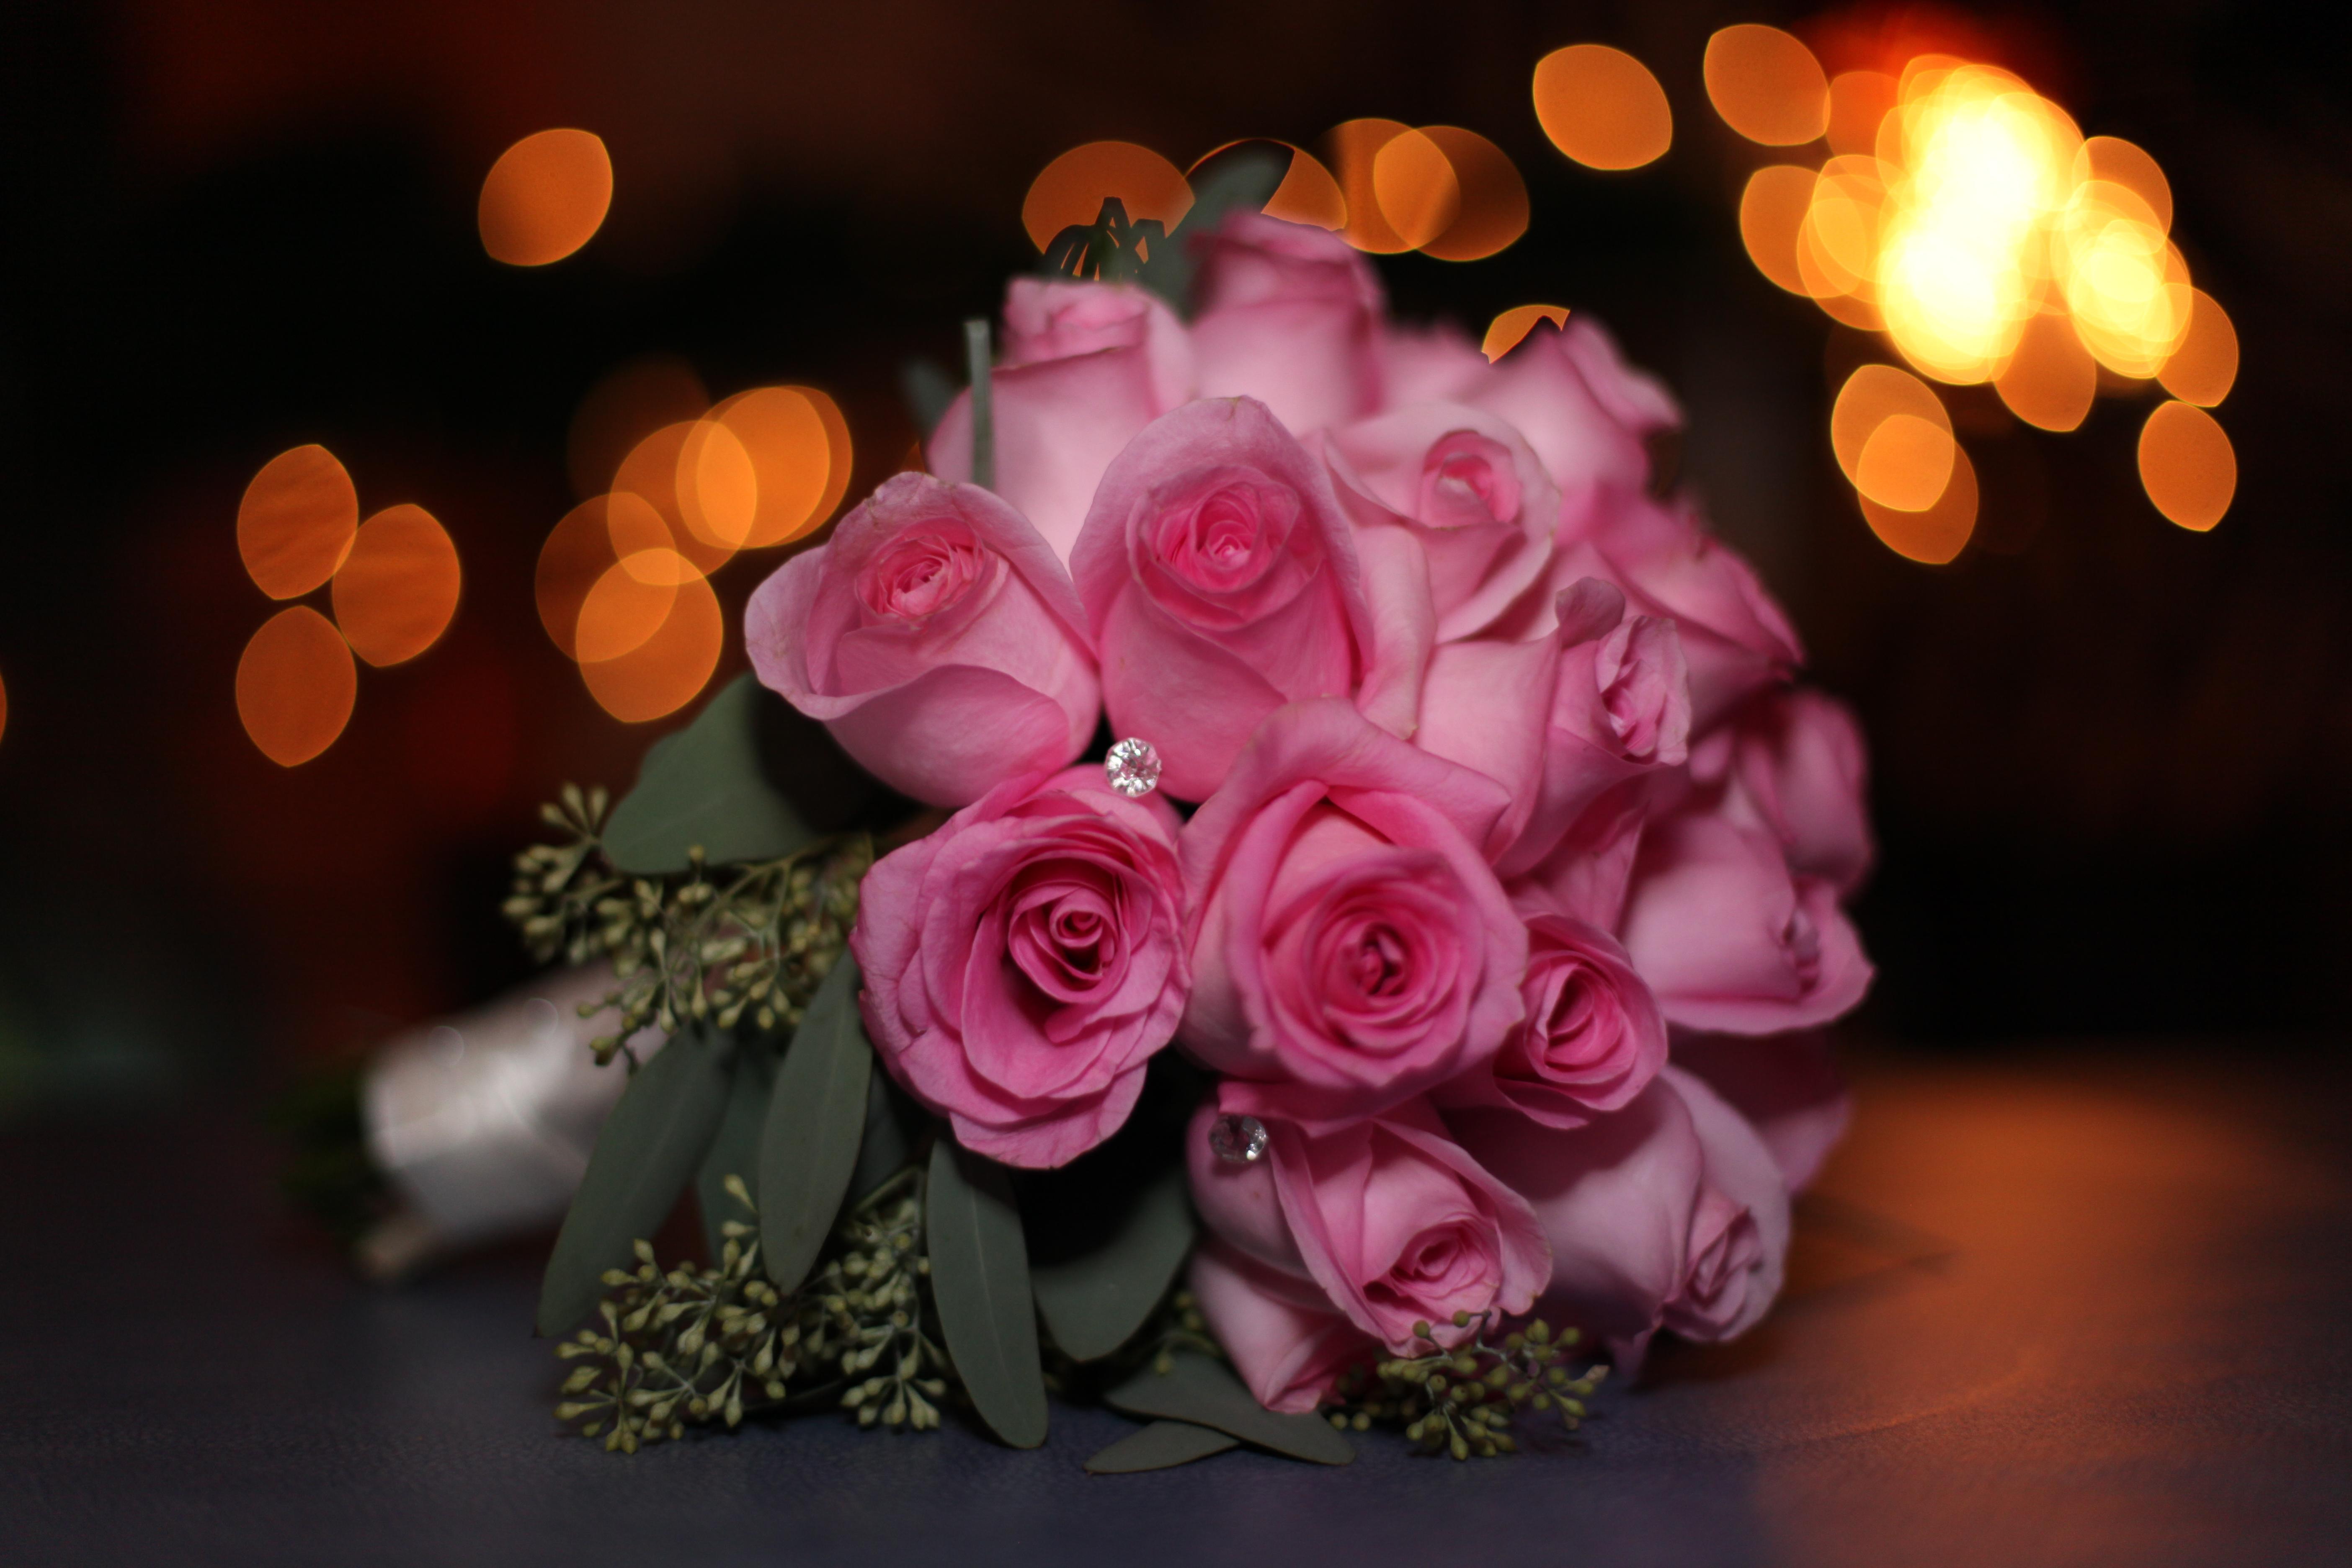 серыми добрый вечер картинки букет роз анекдотичную